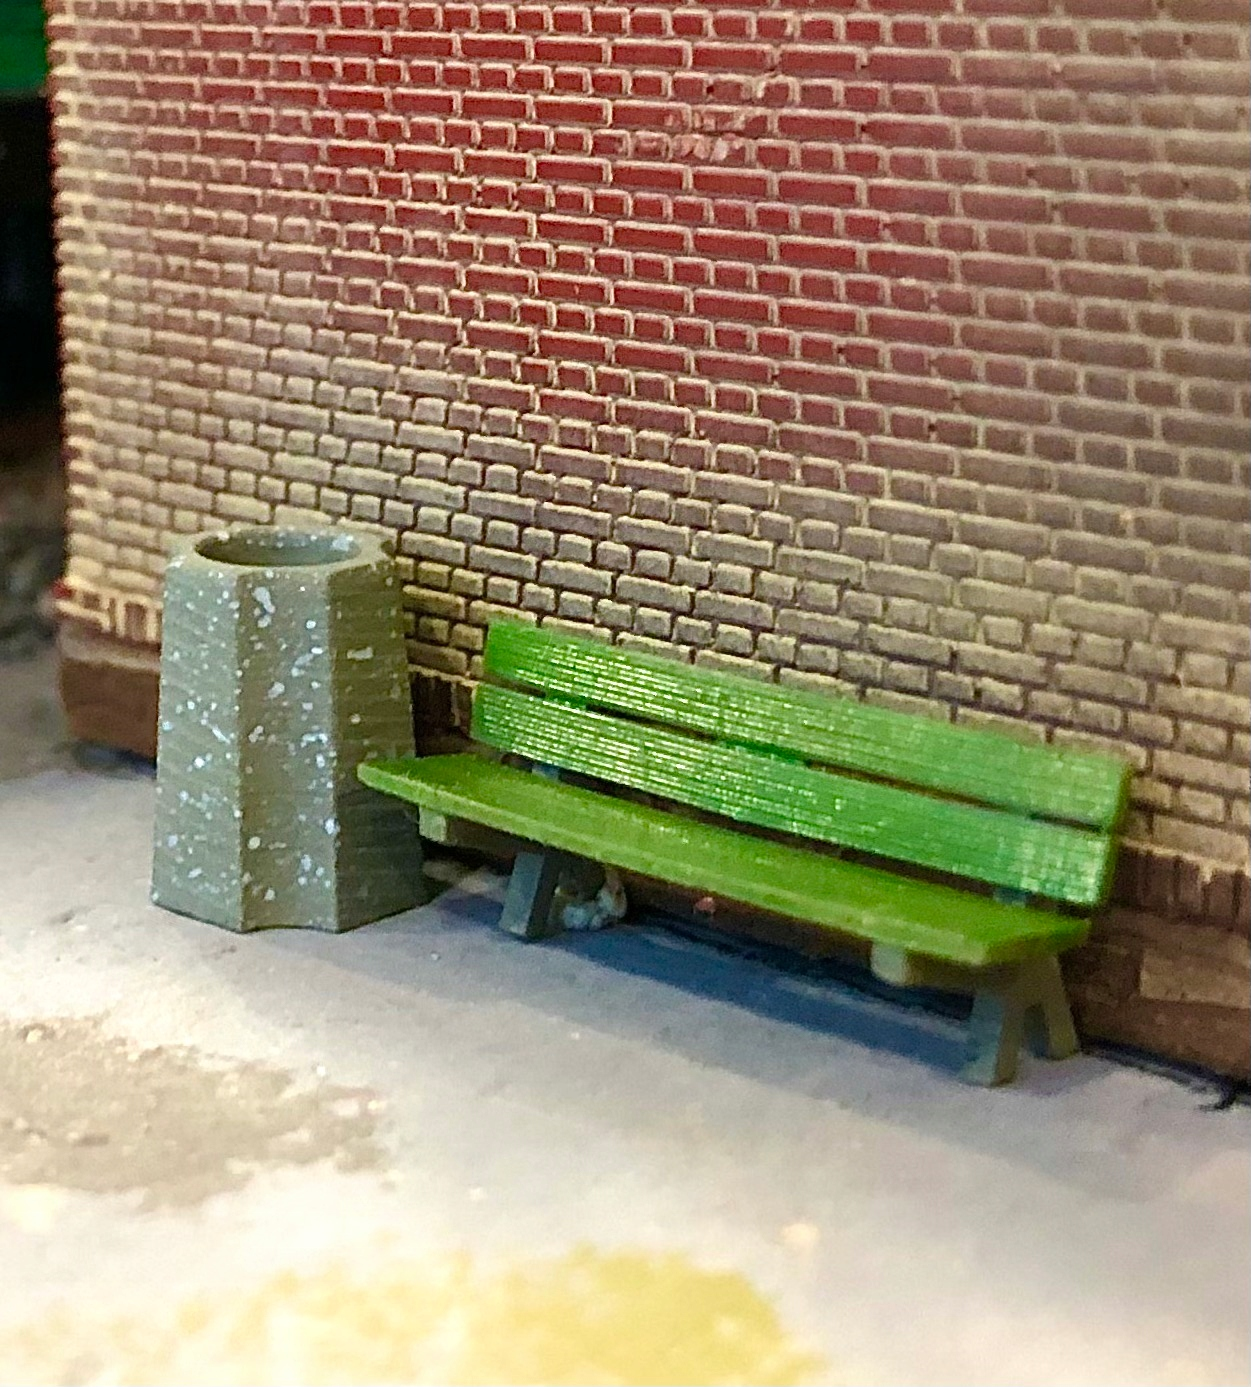 Śmietnik betonowy 2 1:87 H0 akcesoria na makietę